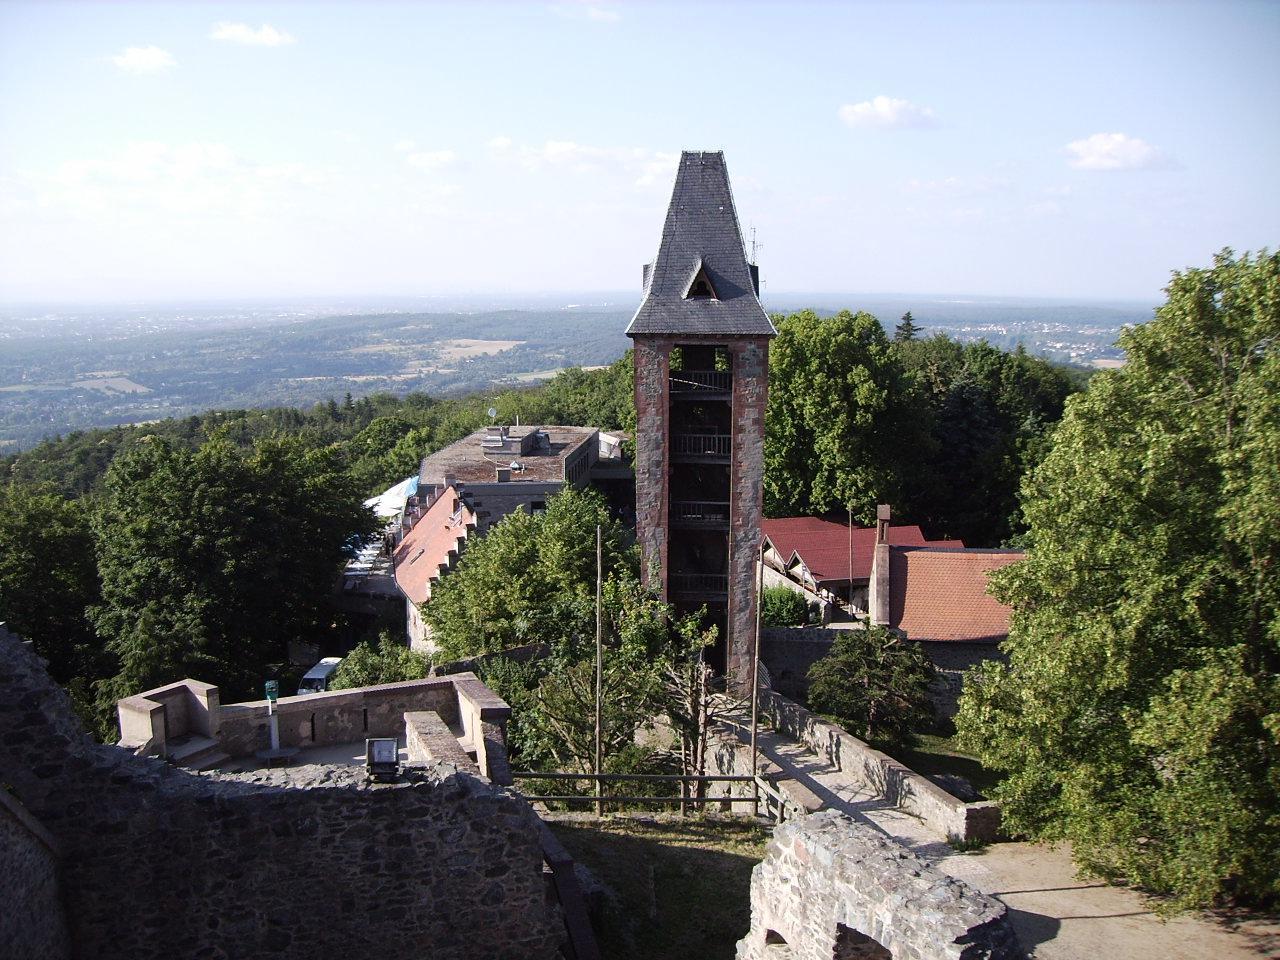 Krimidinner Burg Frankenstein